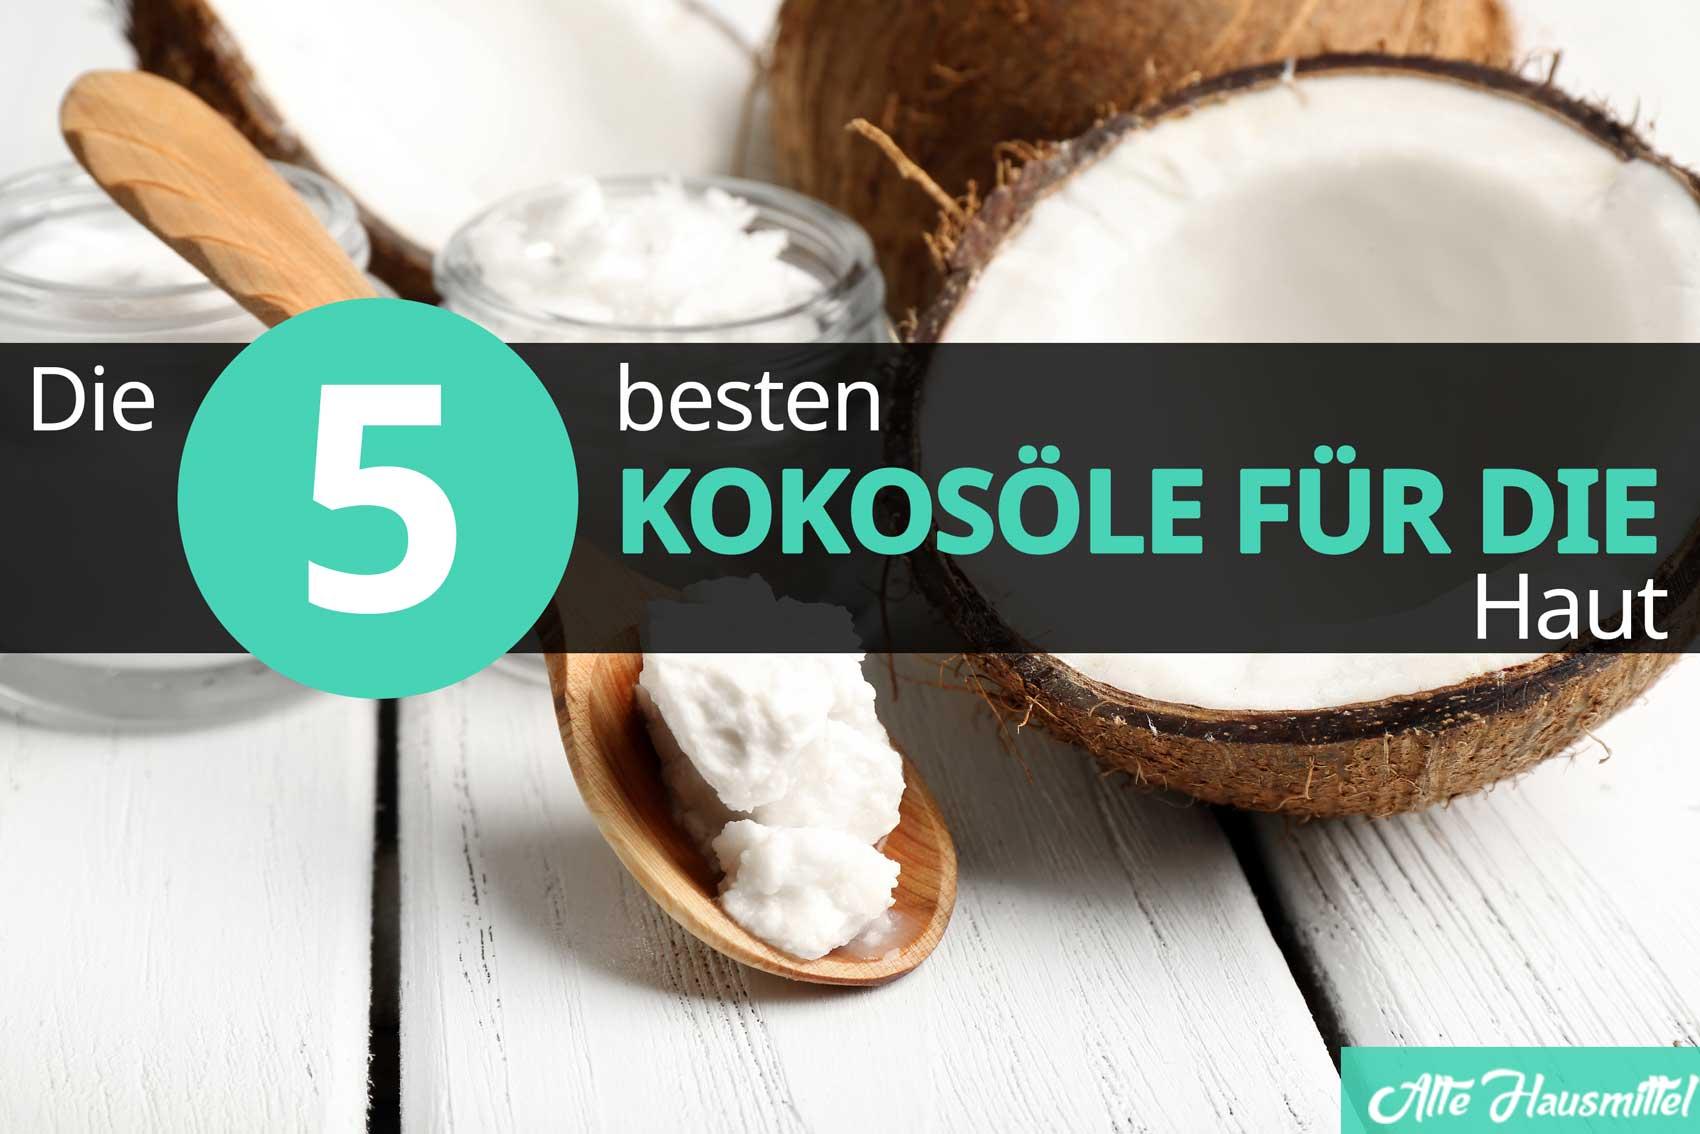 Das Beste Kokosöl